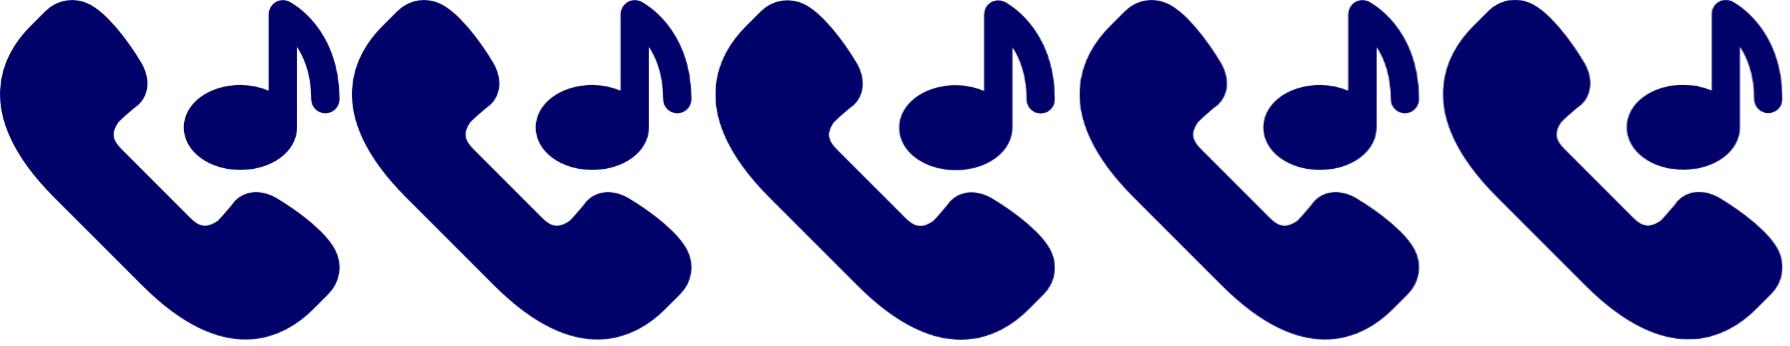 PHONE PARADE.jpg